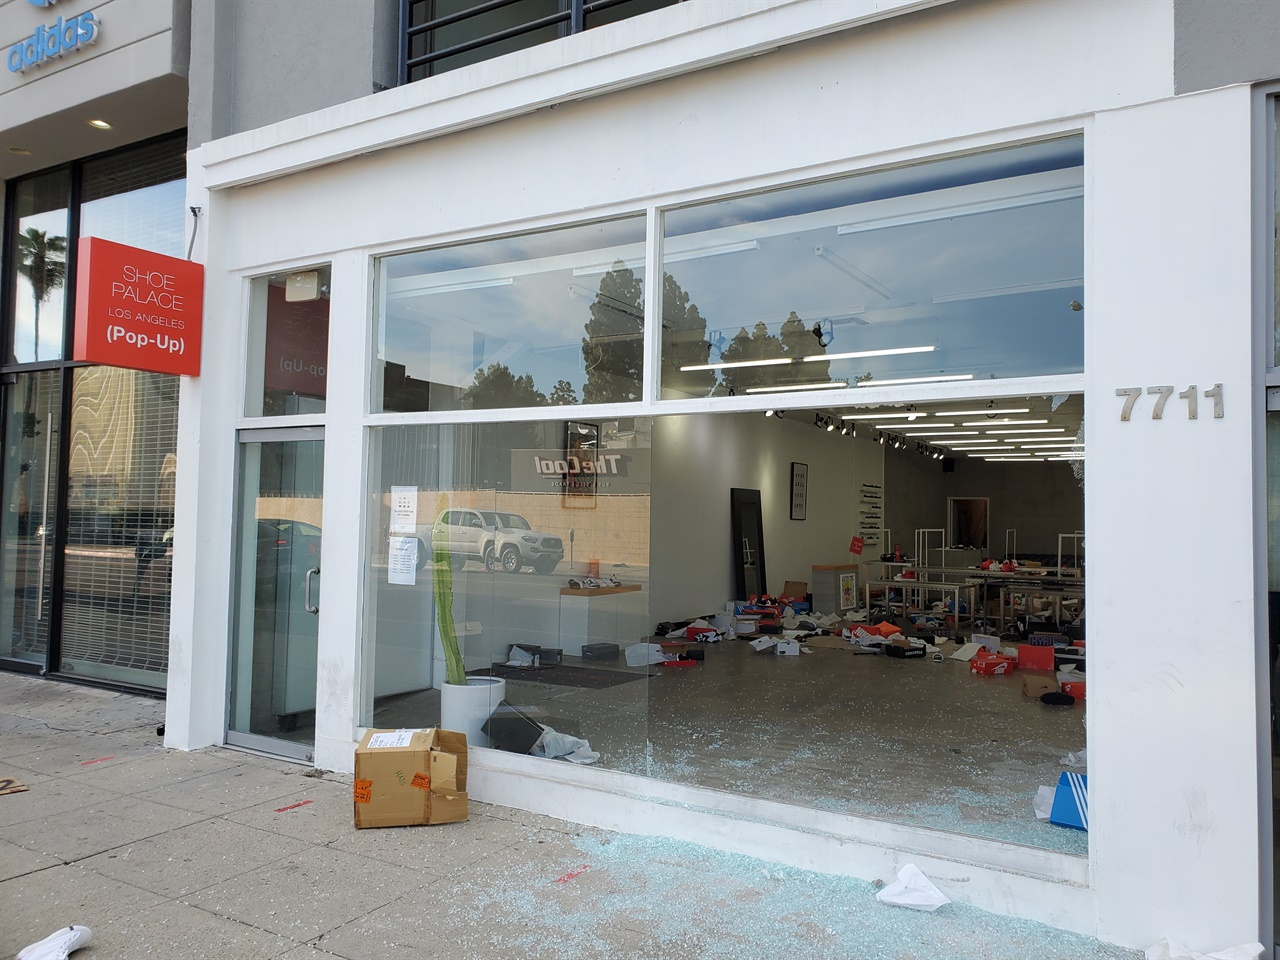 약탈당한 패어팩스 인근의 신발 상점.